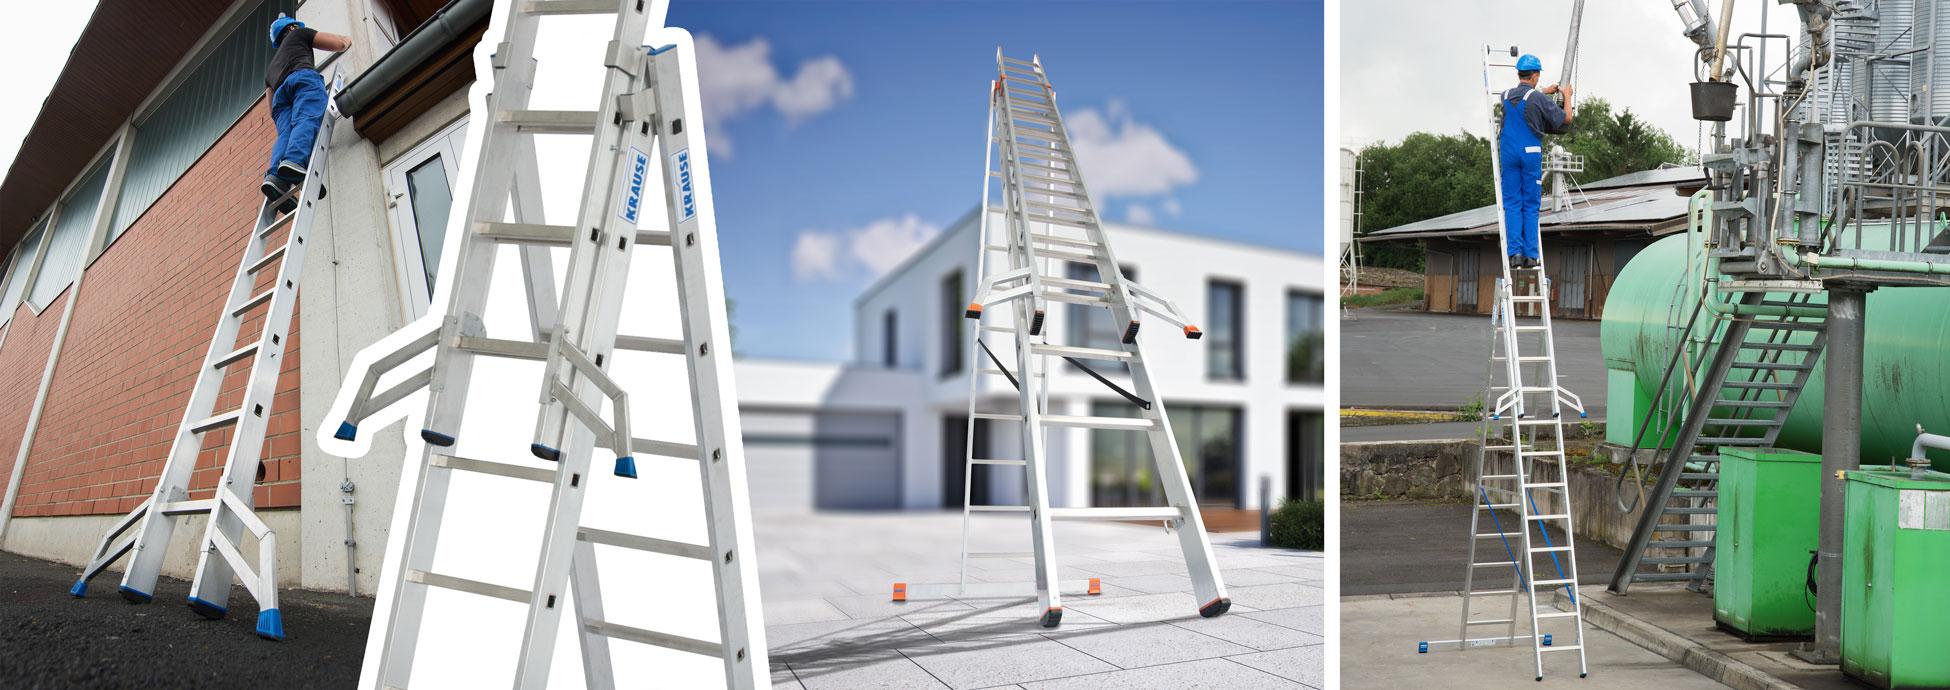 Оригинальная «Тригон-траверса» от KRAUSE позволит эксплуатировать уже имеющиеся у Вас выдвижные и универсальные лестницы